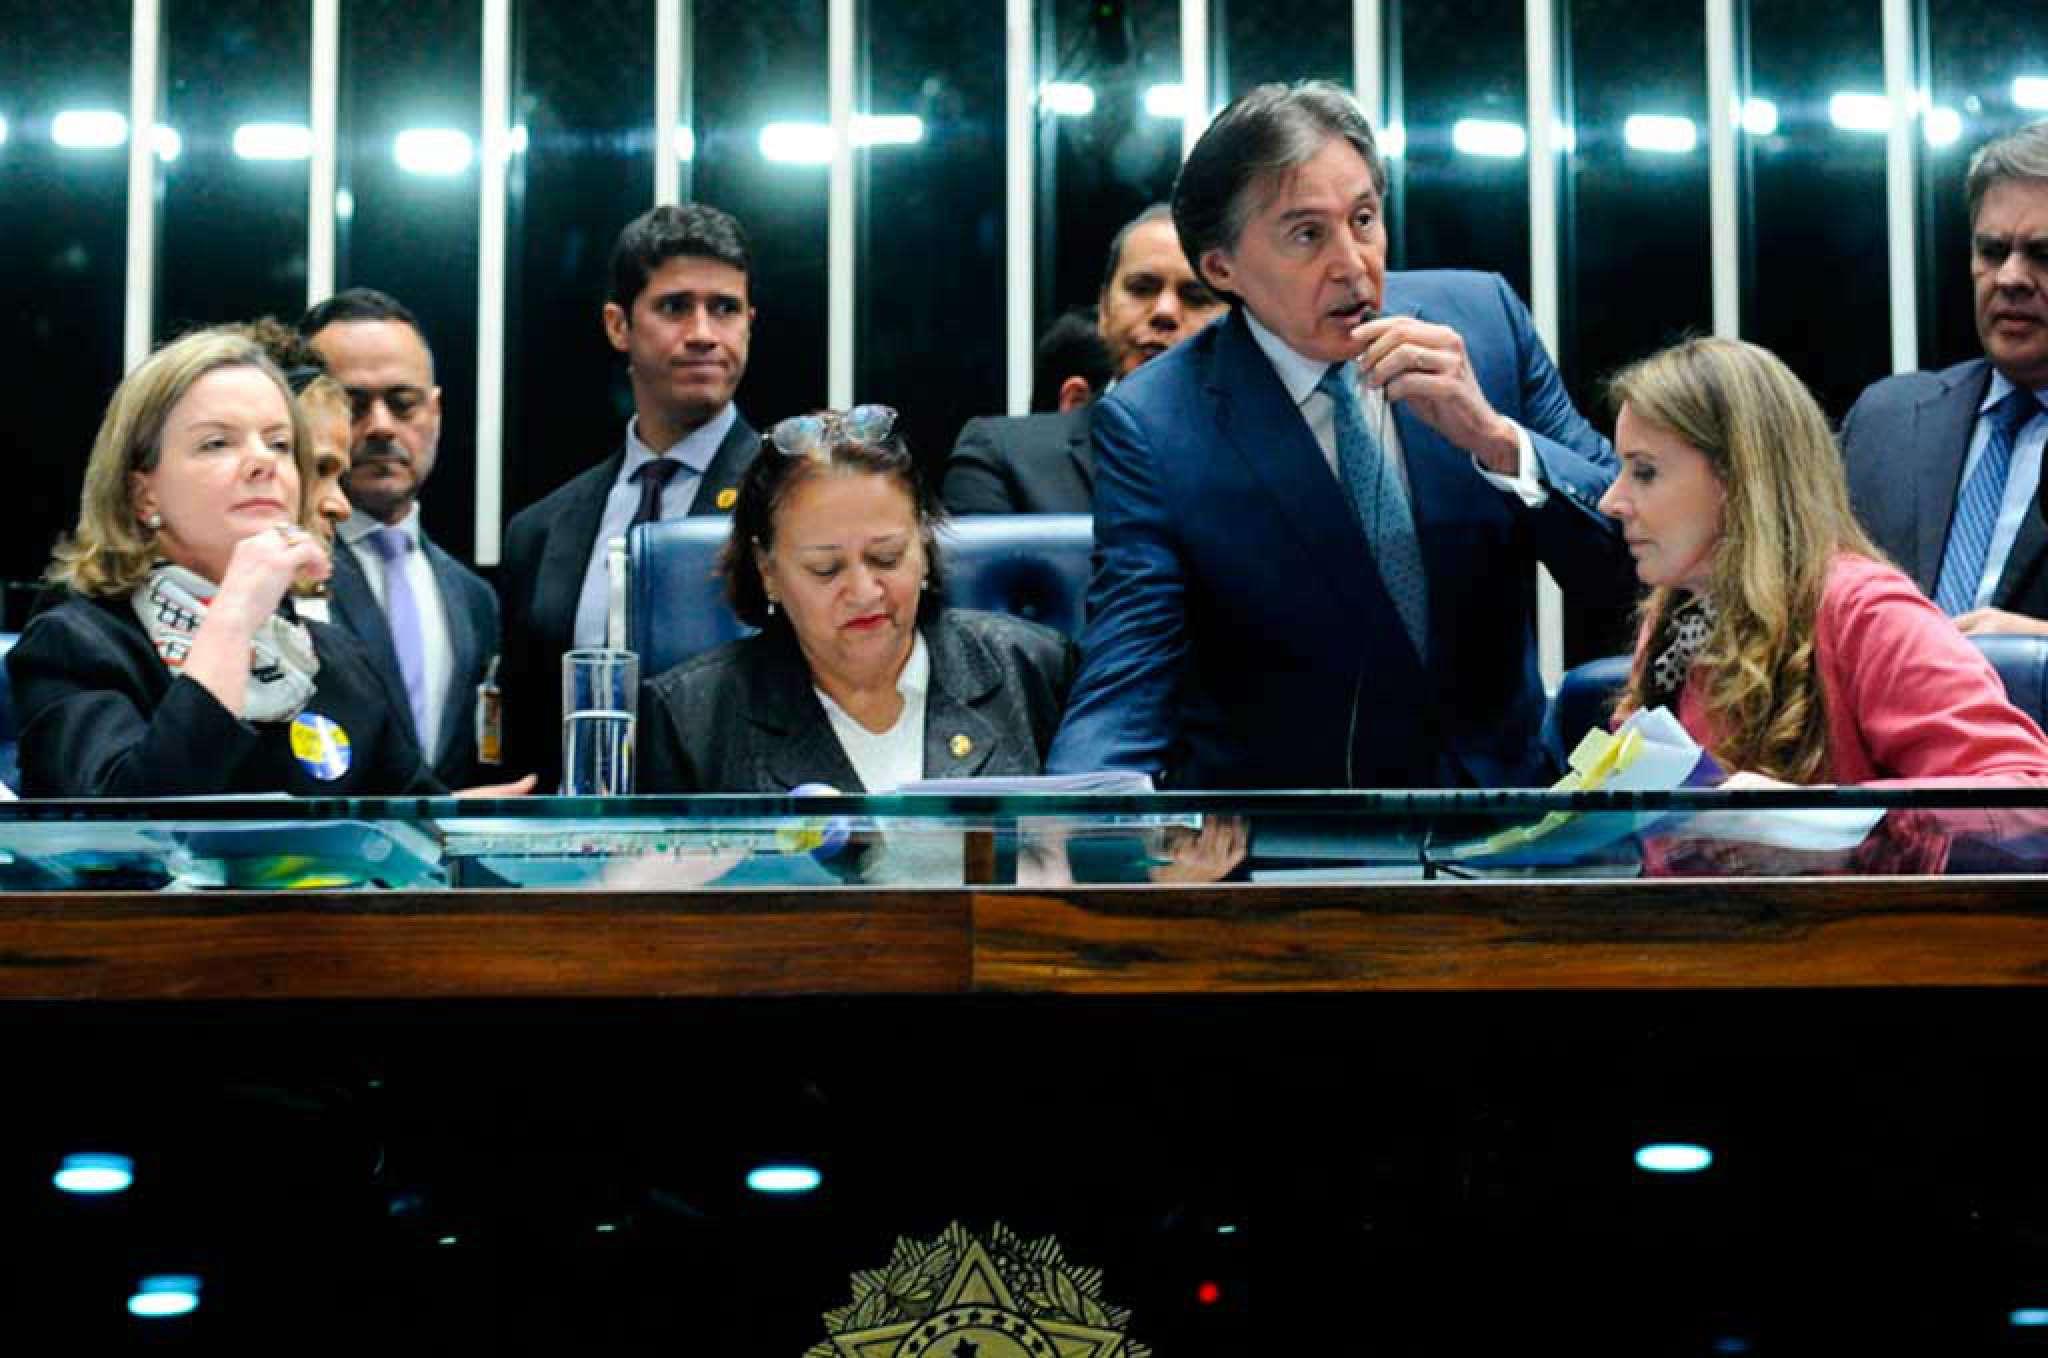 Senadoras se recusaram a desocupar a mesa do Plenário do Senado e o presidente Eunício Oliveira decidiu suspender a sessão